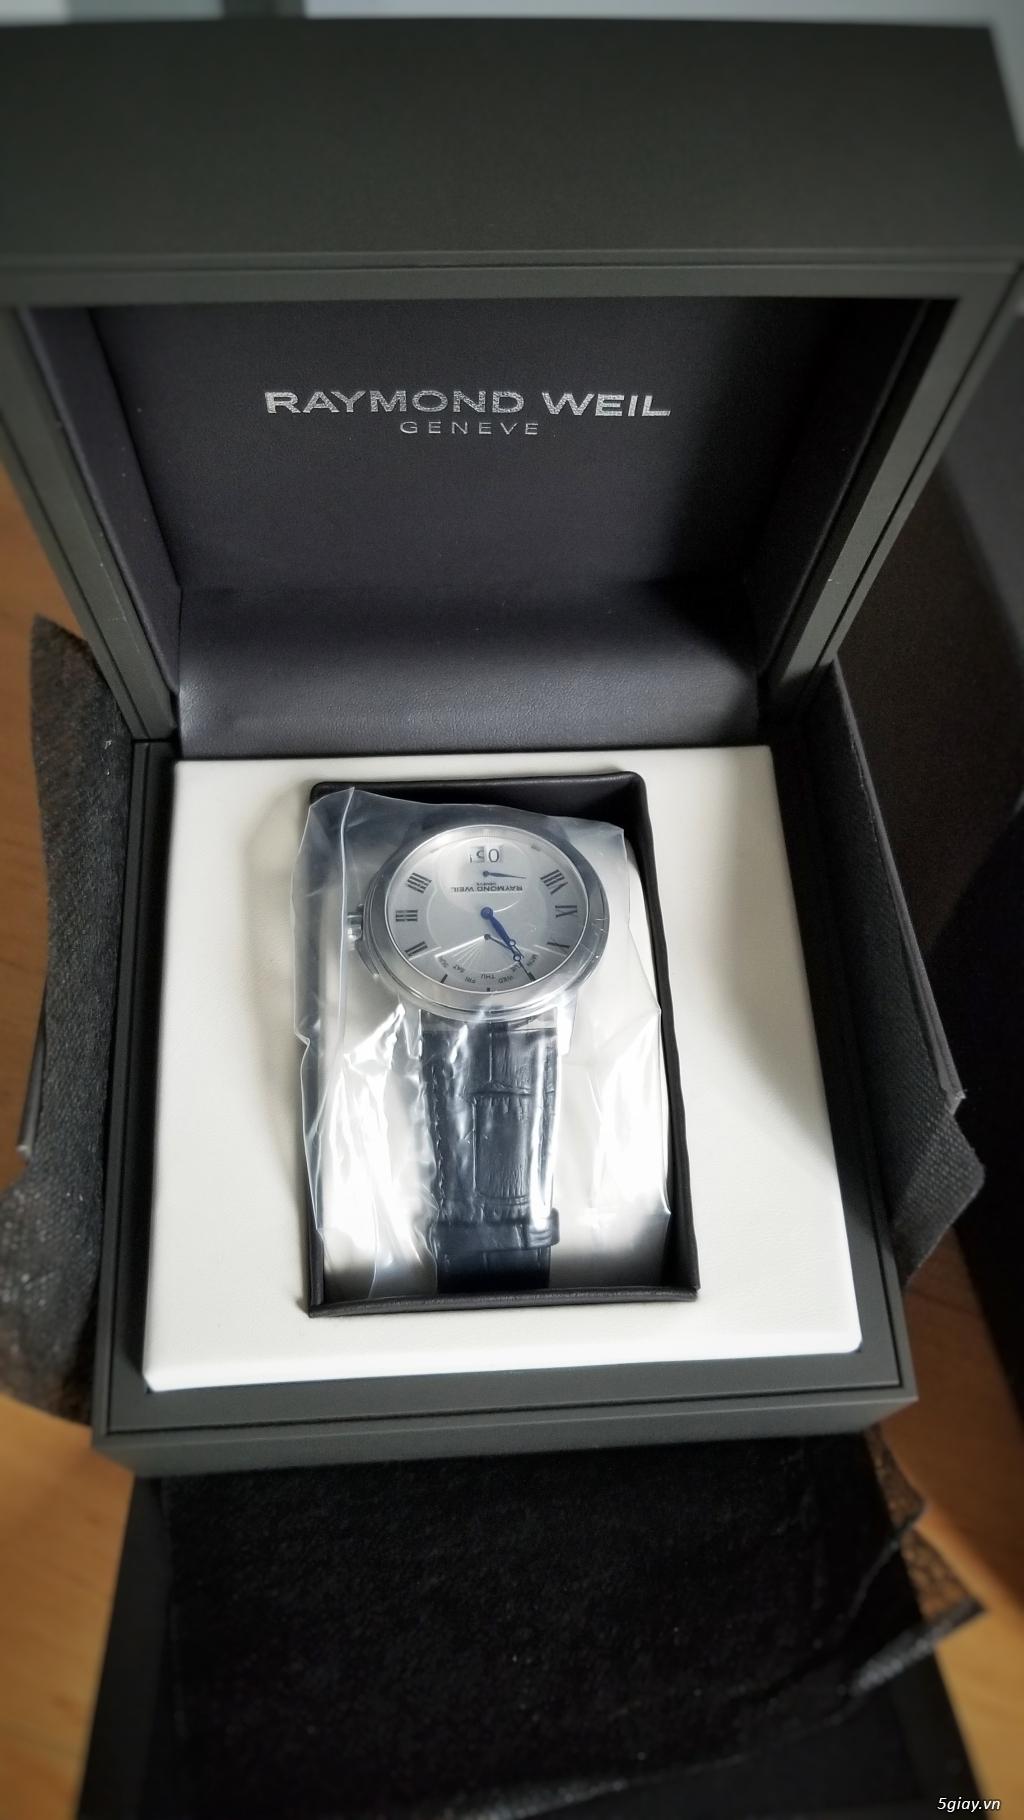 Đồng hồ Raymond Weil (Swiss) fullbox new 100% (hình thật) - 1